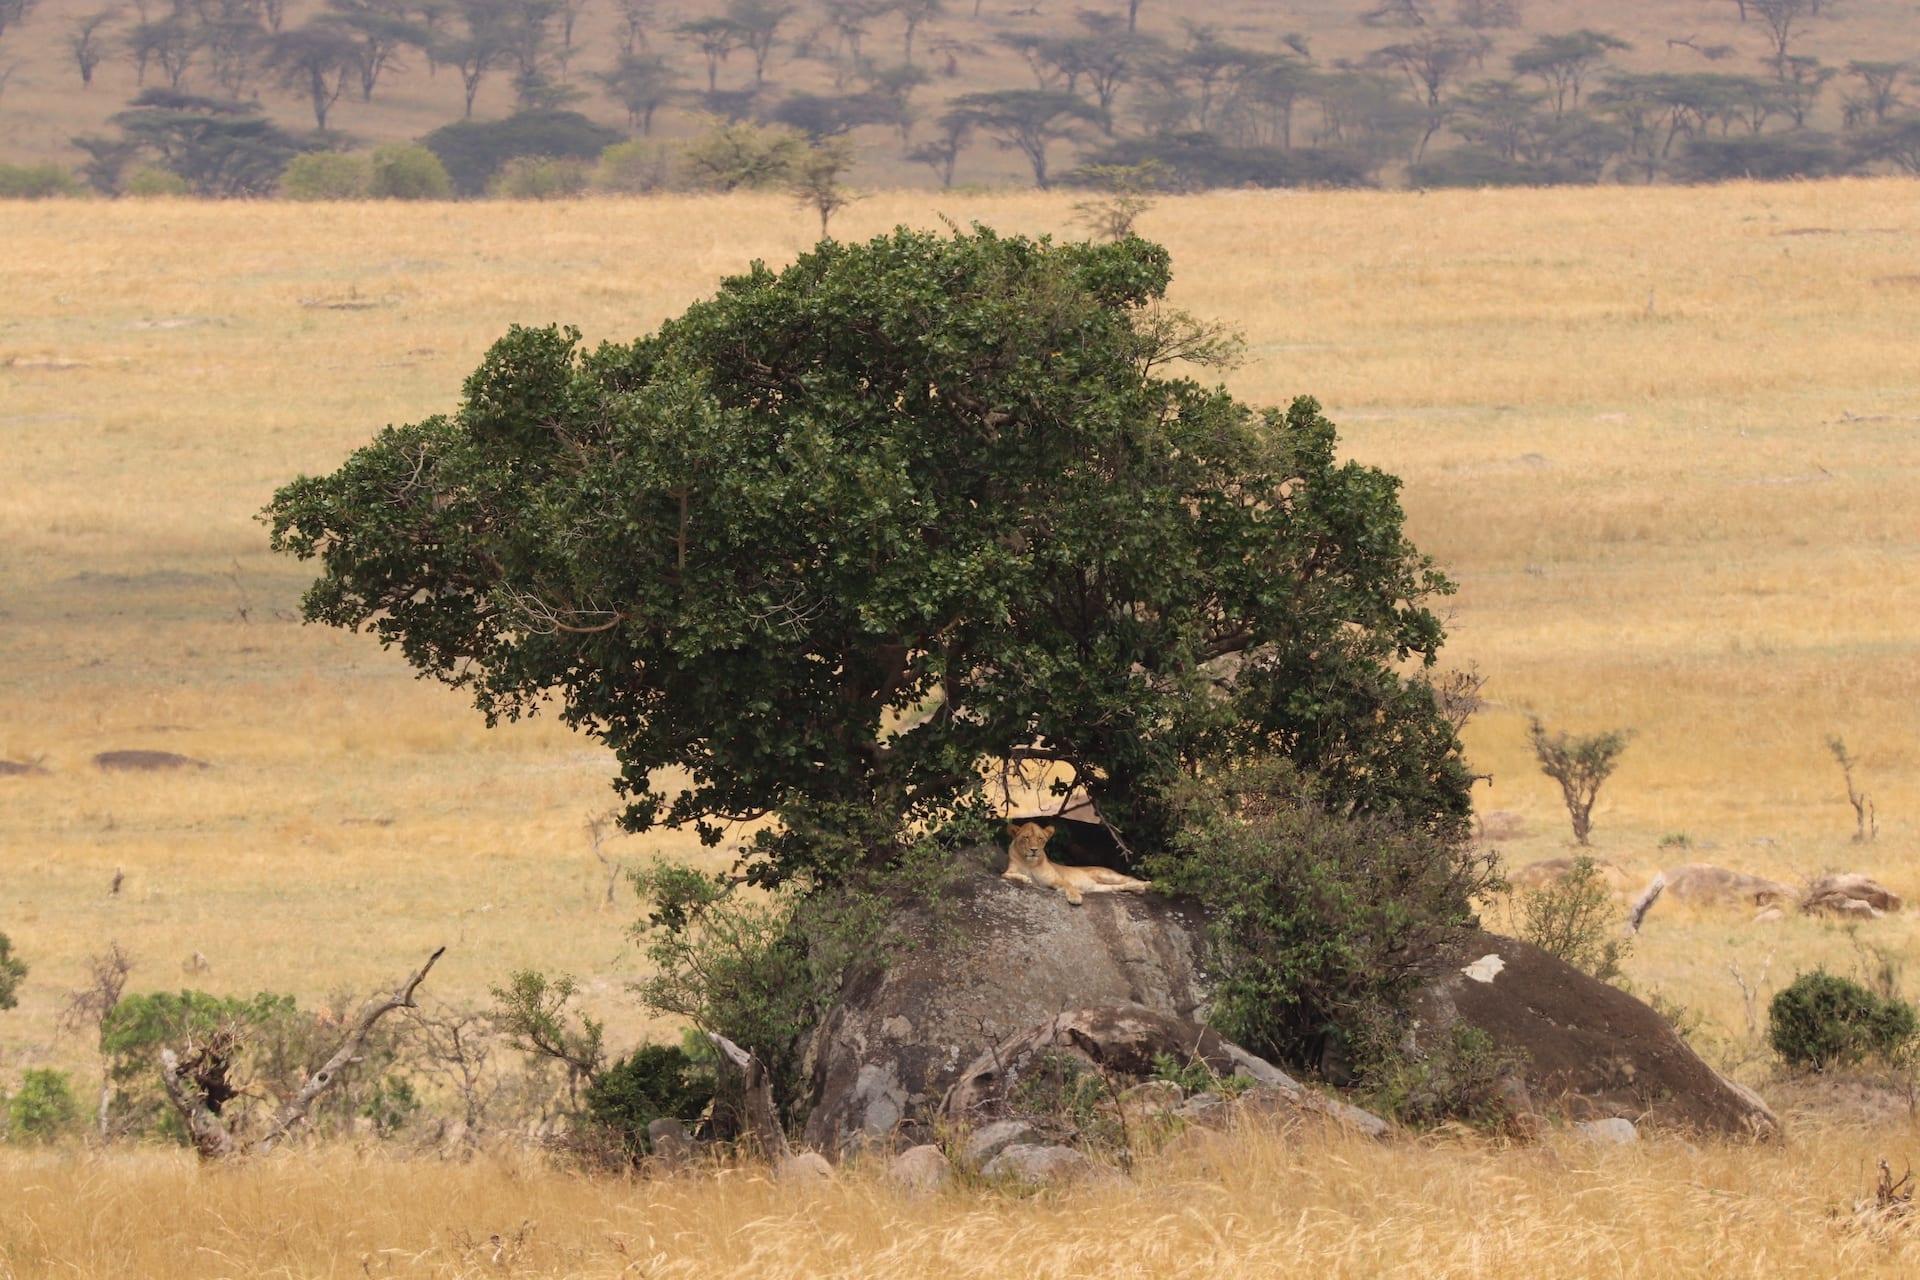 # FOTO - Serengeti Noord - IMG_1705